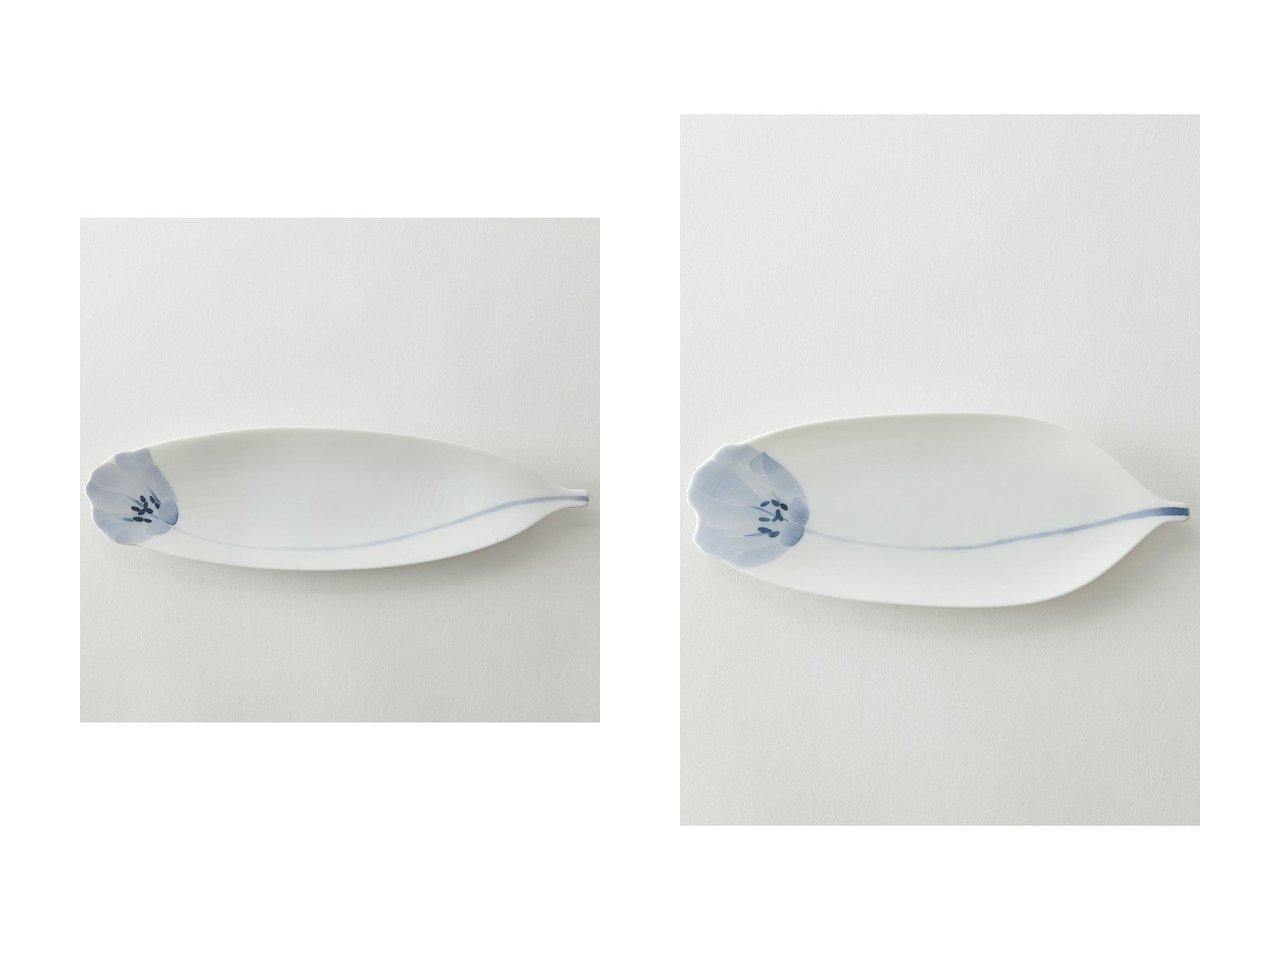 【SINGAMA/眞窯】の【FLOW】チューリップステム プレート L&【FLOW】チューリップステム プレート M 【FURNITURE】おすすめ!人気、インテリア雑貨・家具の通販  おすすめで人気の流行・トレンド、ファッションの通販商品 インテリア・家具・メンズファッション・キッズファッション・レディースファッション・服の通販 founy(ファニー) https://founy.com/ UNISEX テーブル プレート 再入荷 Restock/Back in Stock/Re Arrival ホーム・キャンプ・アウトドア Home,Garden,Outdoor,Camping Gear キッチン・ダイニング Kitchen Dining キッチン収納 Kitchen  ID:crp329100000072306